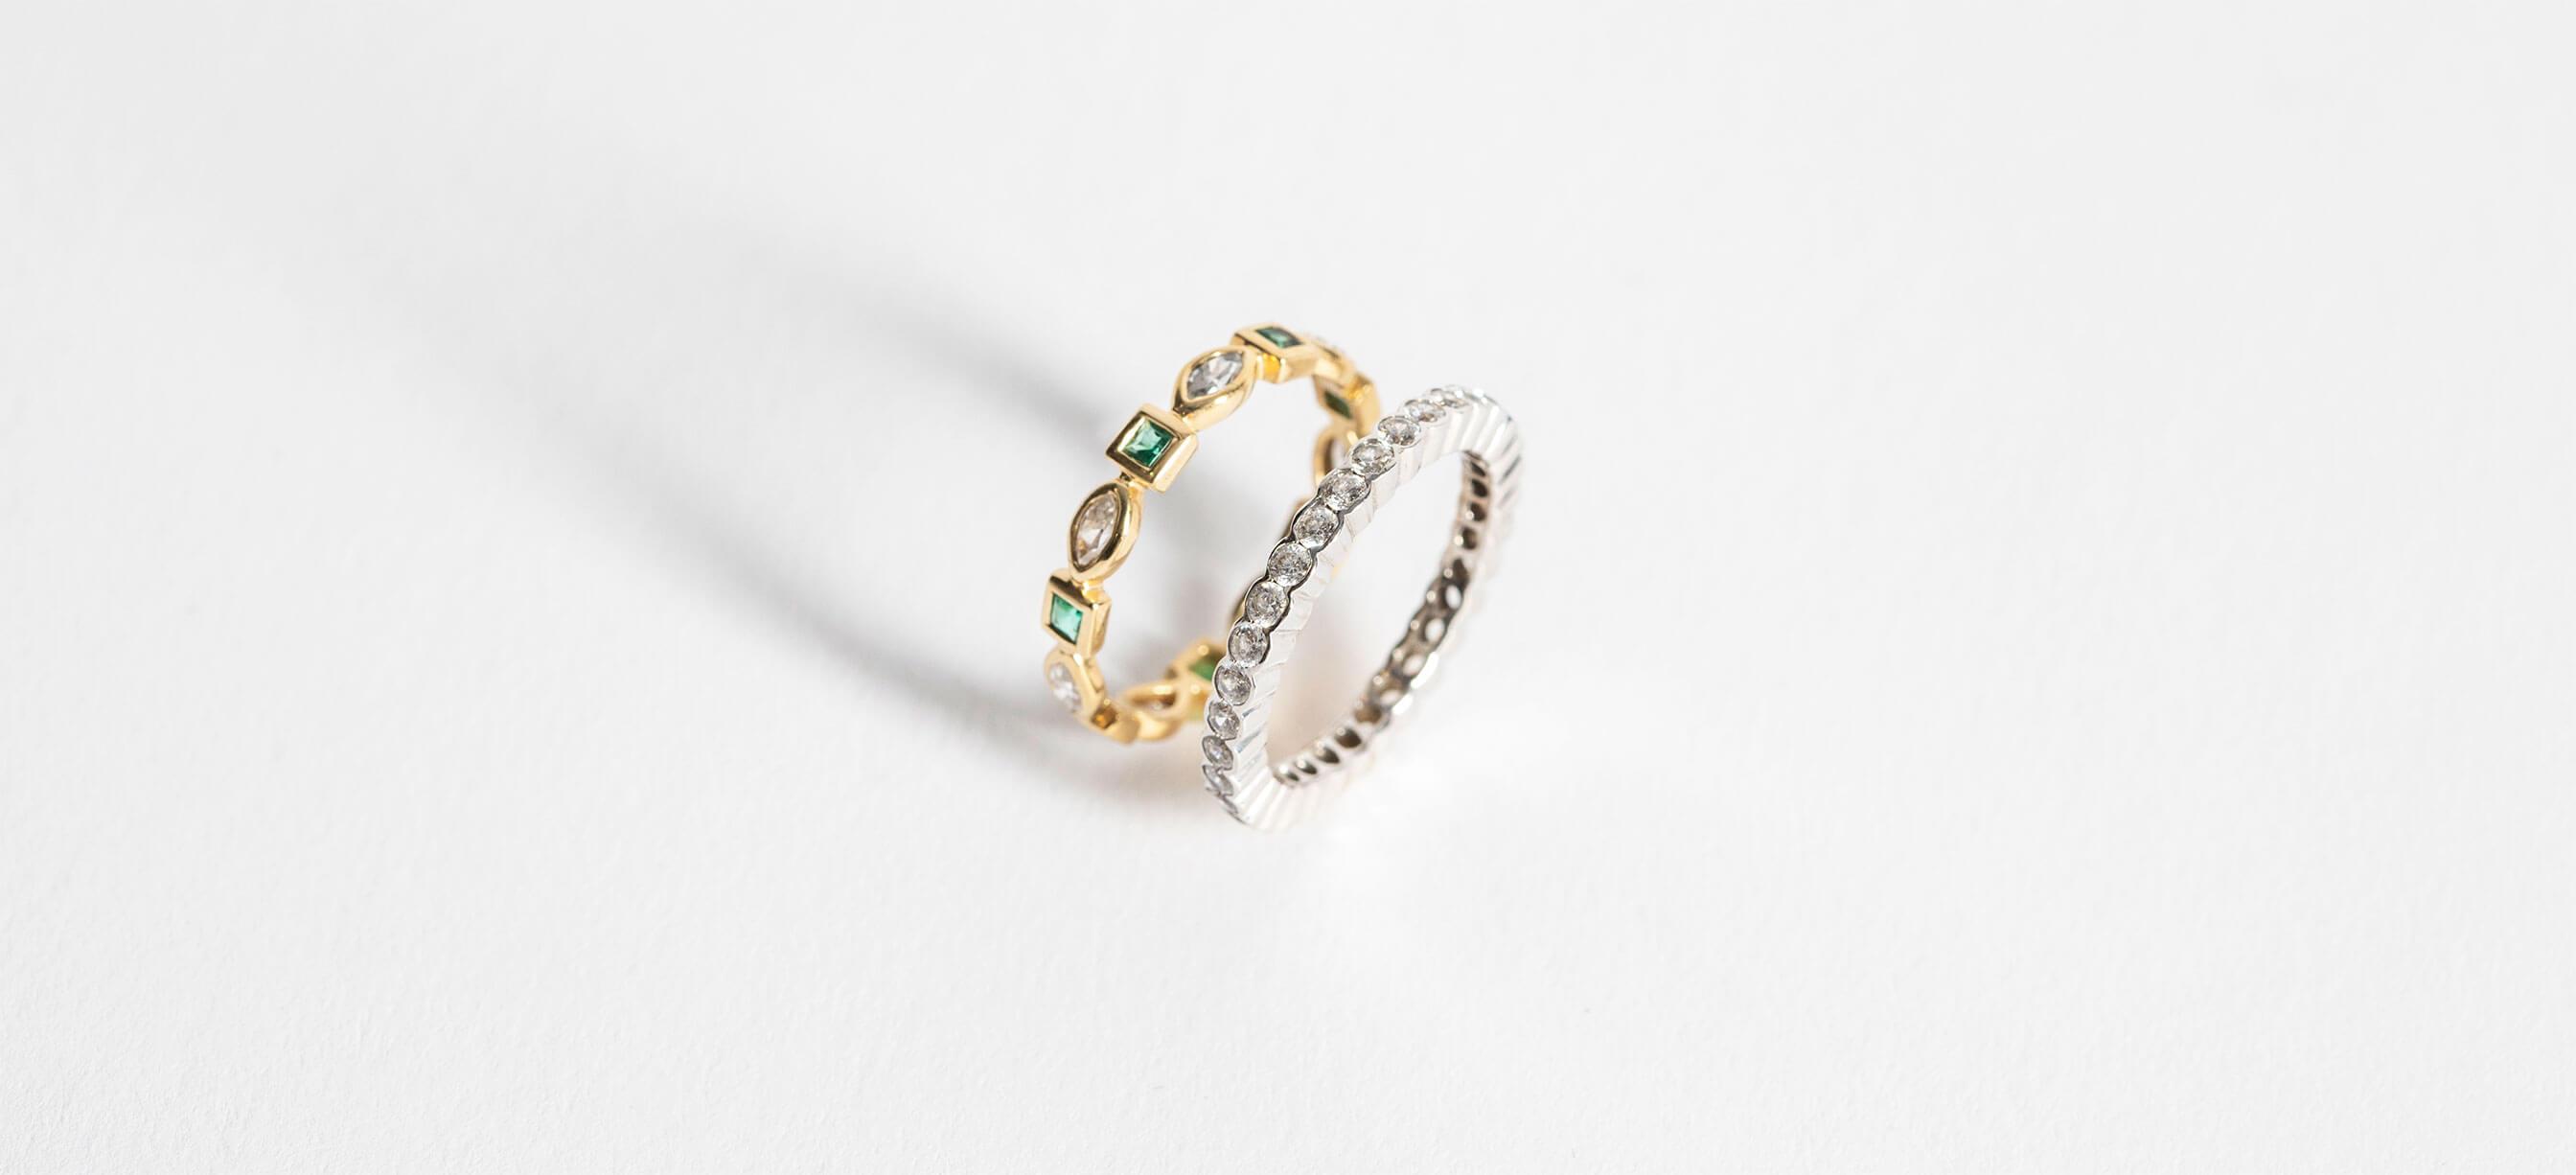 Diamond Nexus wedding rings in mixed metals.